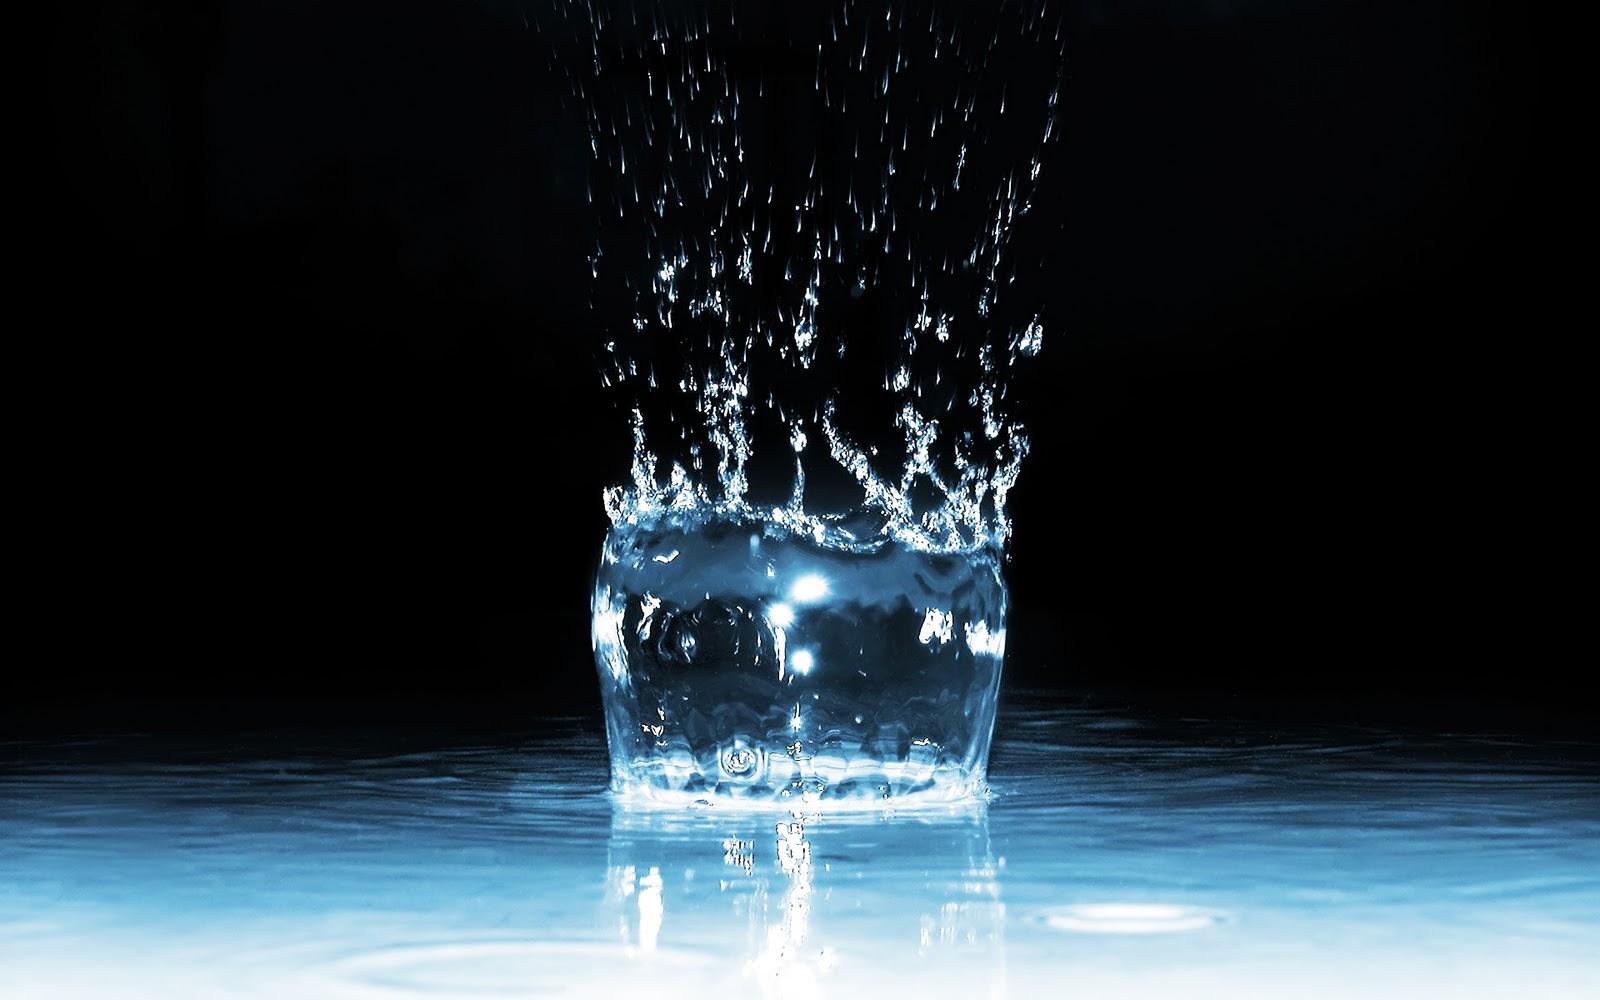 http://4.bp.blogspot.com/-DBA73NYBDT0/Tu3fyC8R73I/AAAAAAAACYU/gFIdl04Fgz0/s1600/Beautiful_water_drops_Wallpapers.jpg